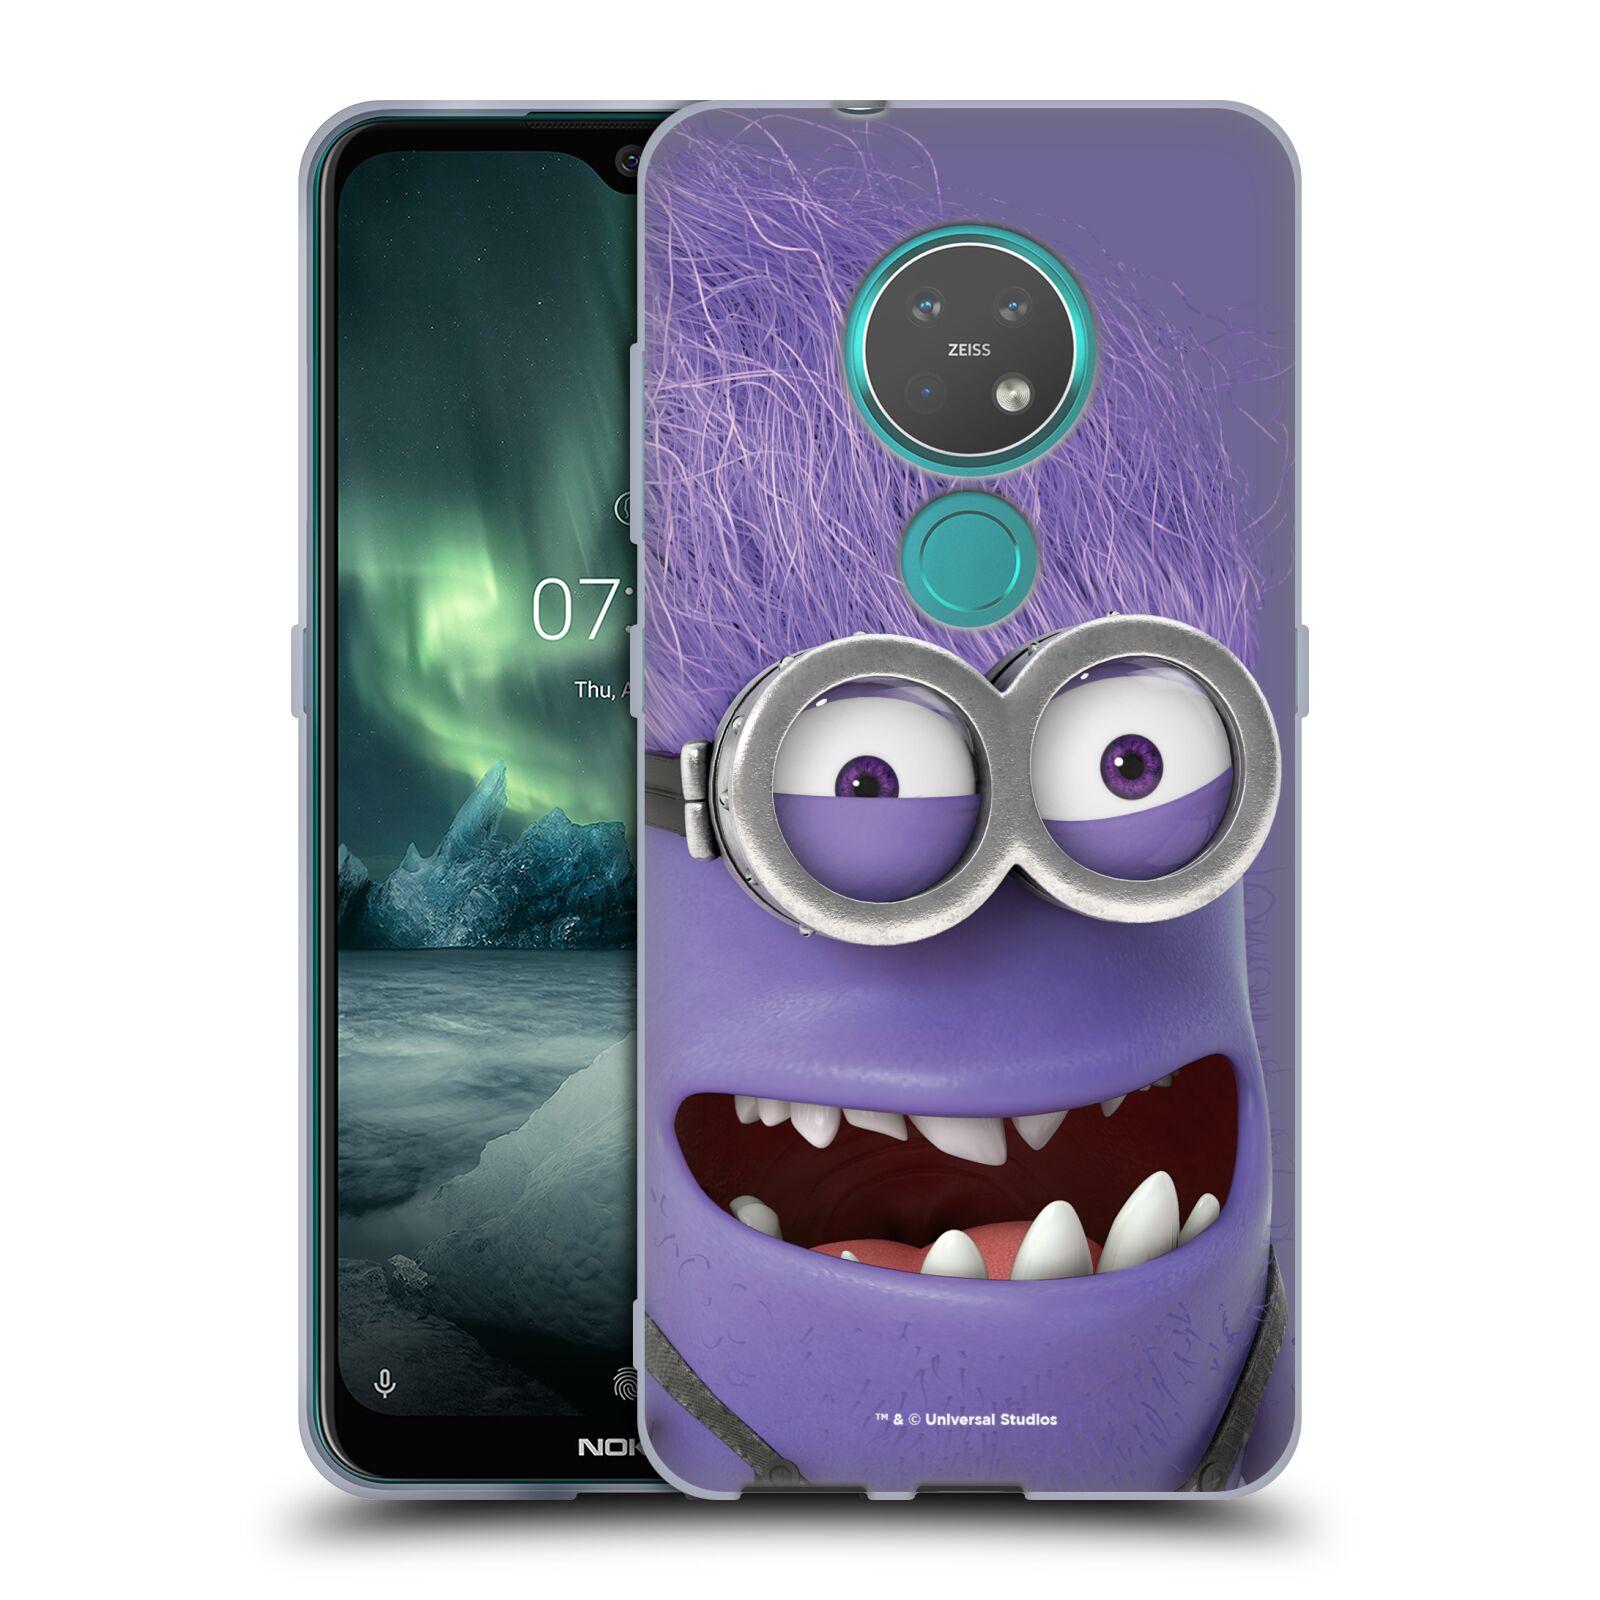 Silikonové pouzdro na mobil Nokia 6.2 - Head Case - Zlý Mimoň z filmu Já, padouch - Despicable Me